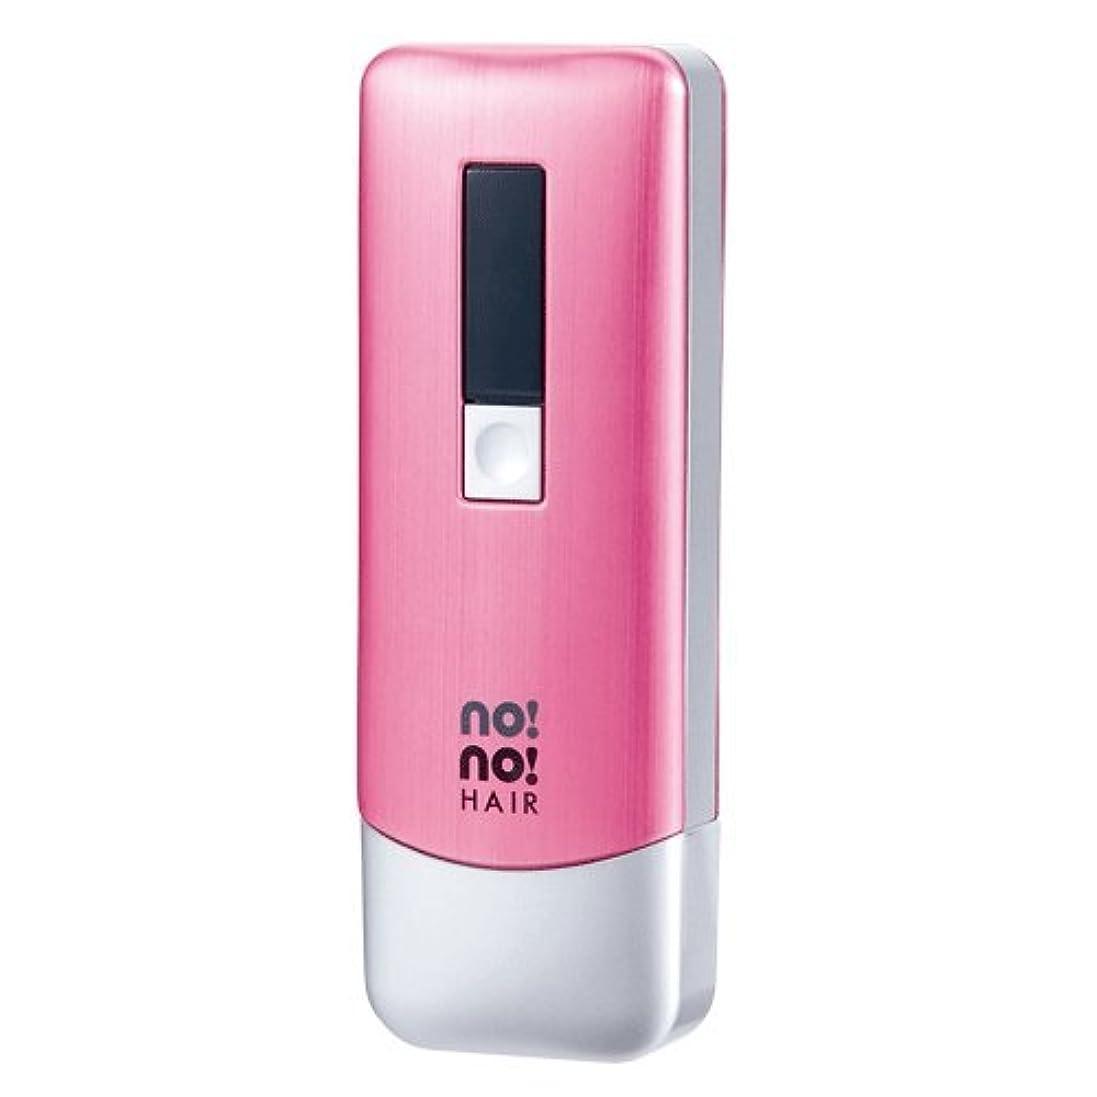 刺激する耳フレームワークノーノーヘアスマート no!no!HAIRSMART 脱毛器 ヤーマン (ピンク)